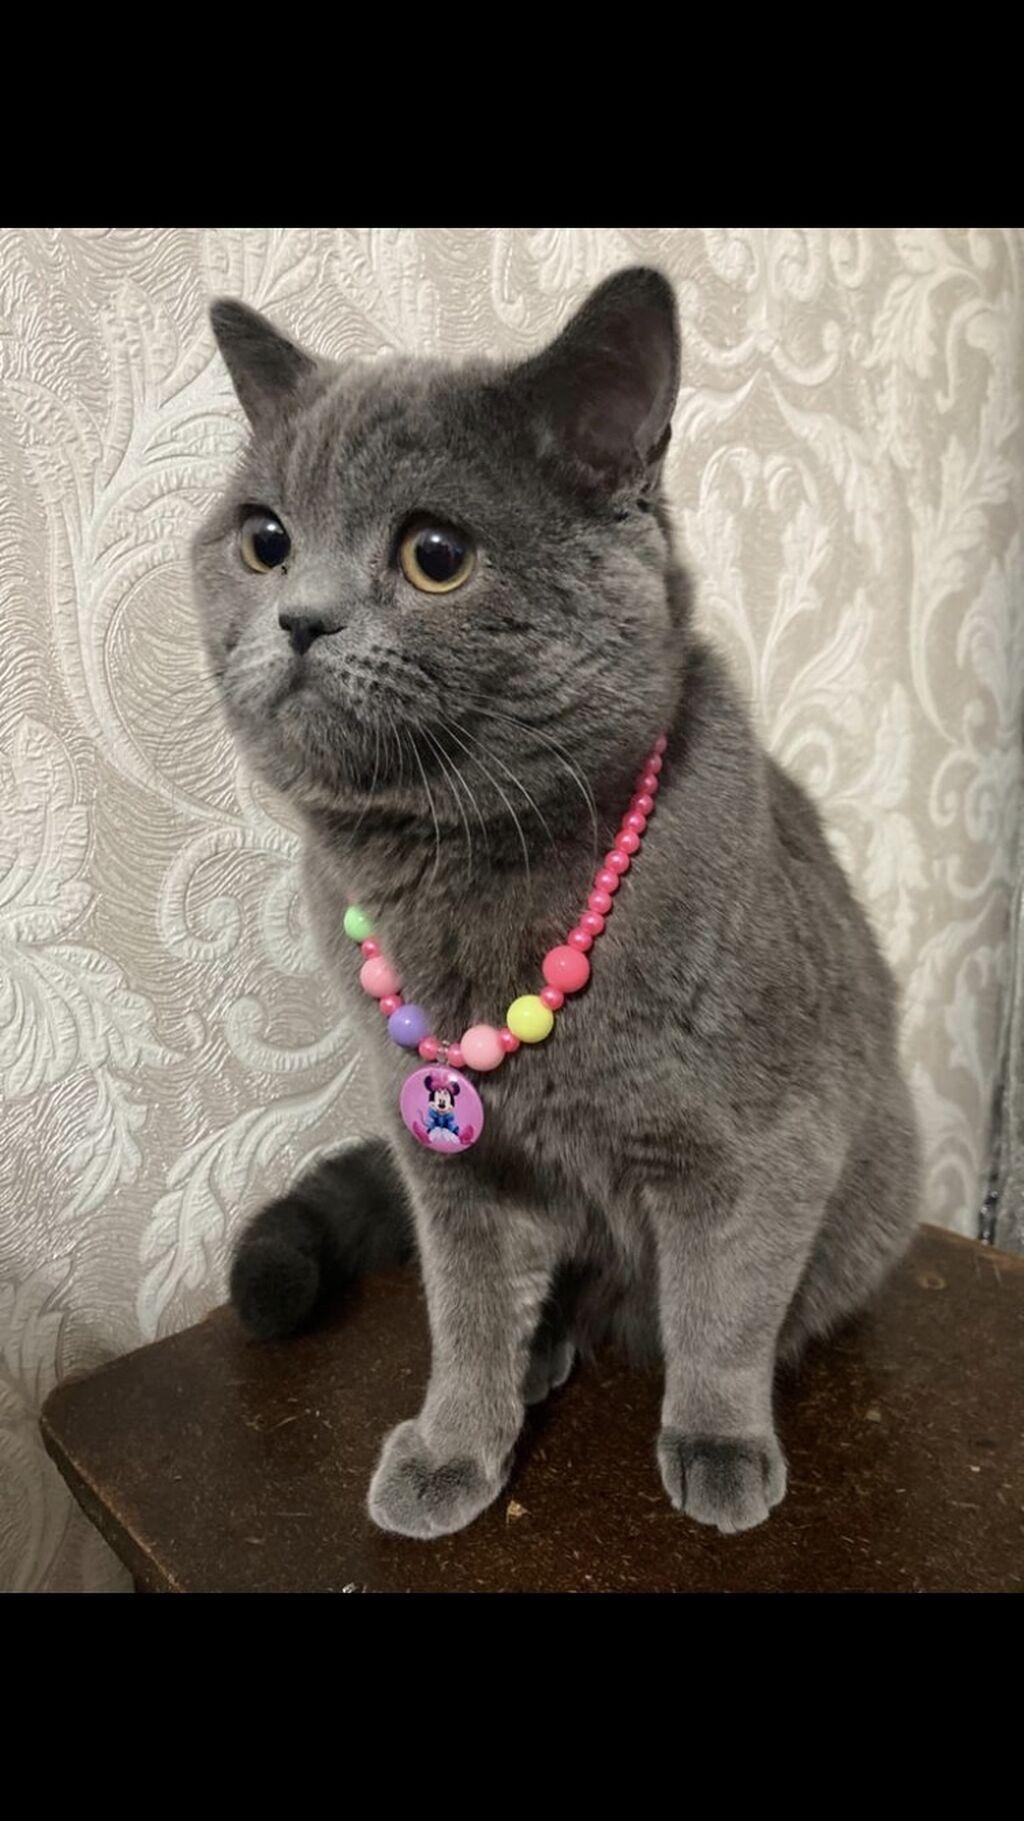 Продаю кота 9 месяцев,  порода: шотландский вислоухий: Продаю кота 9 месяцев,  порода: шотландский вислоухий